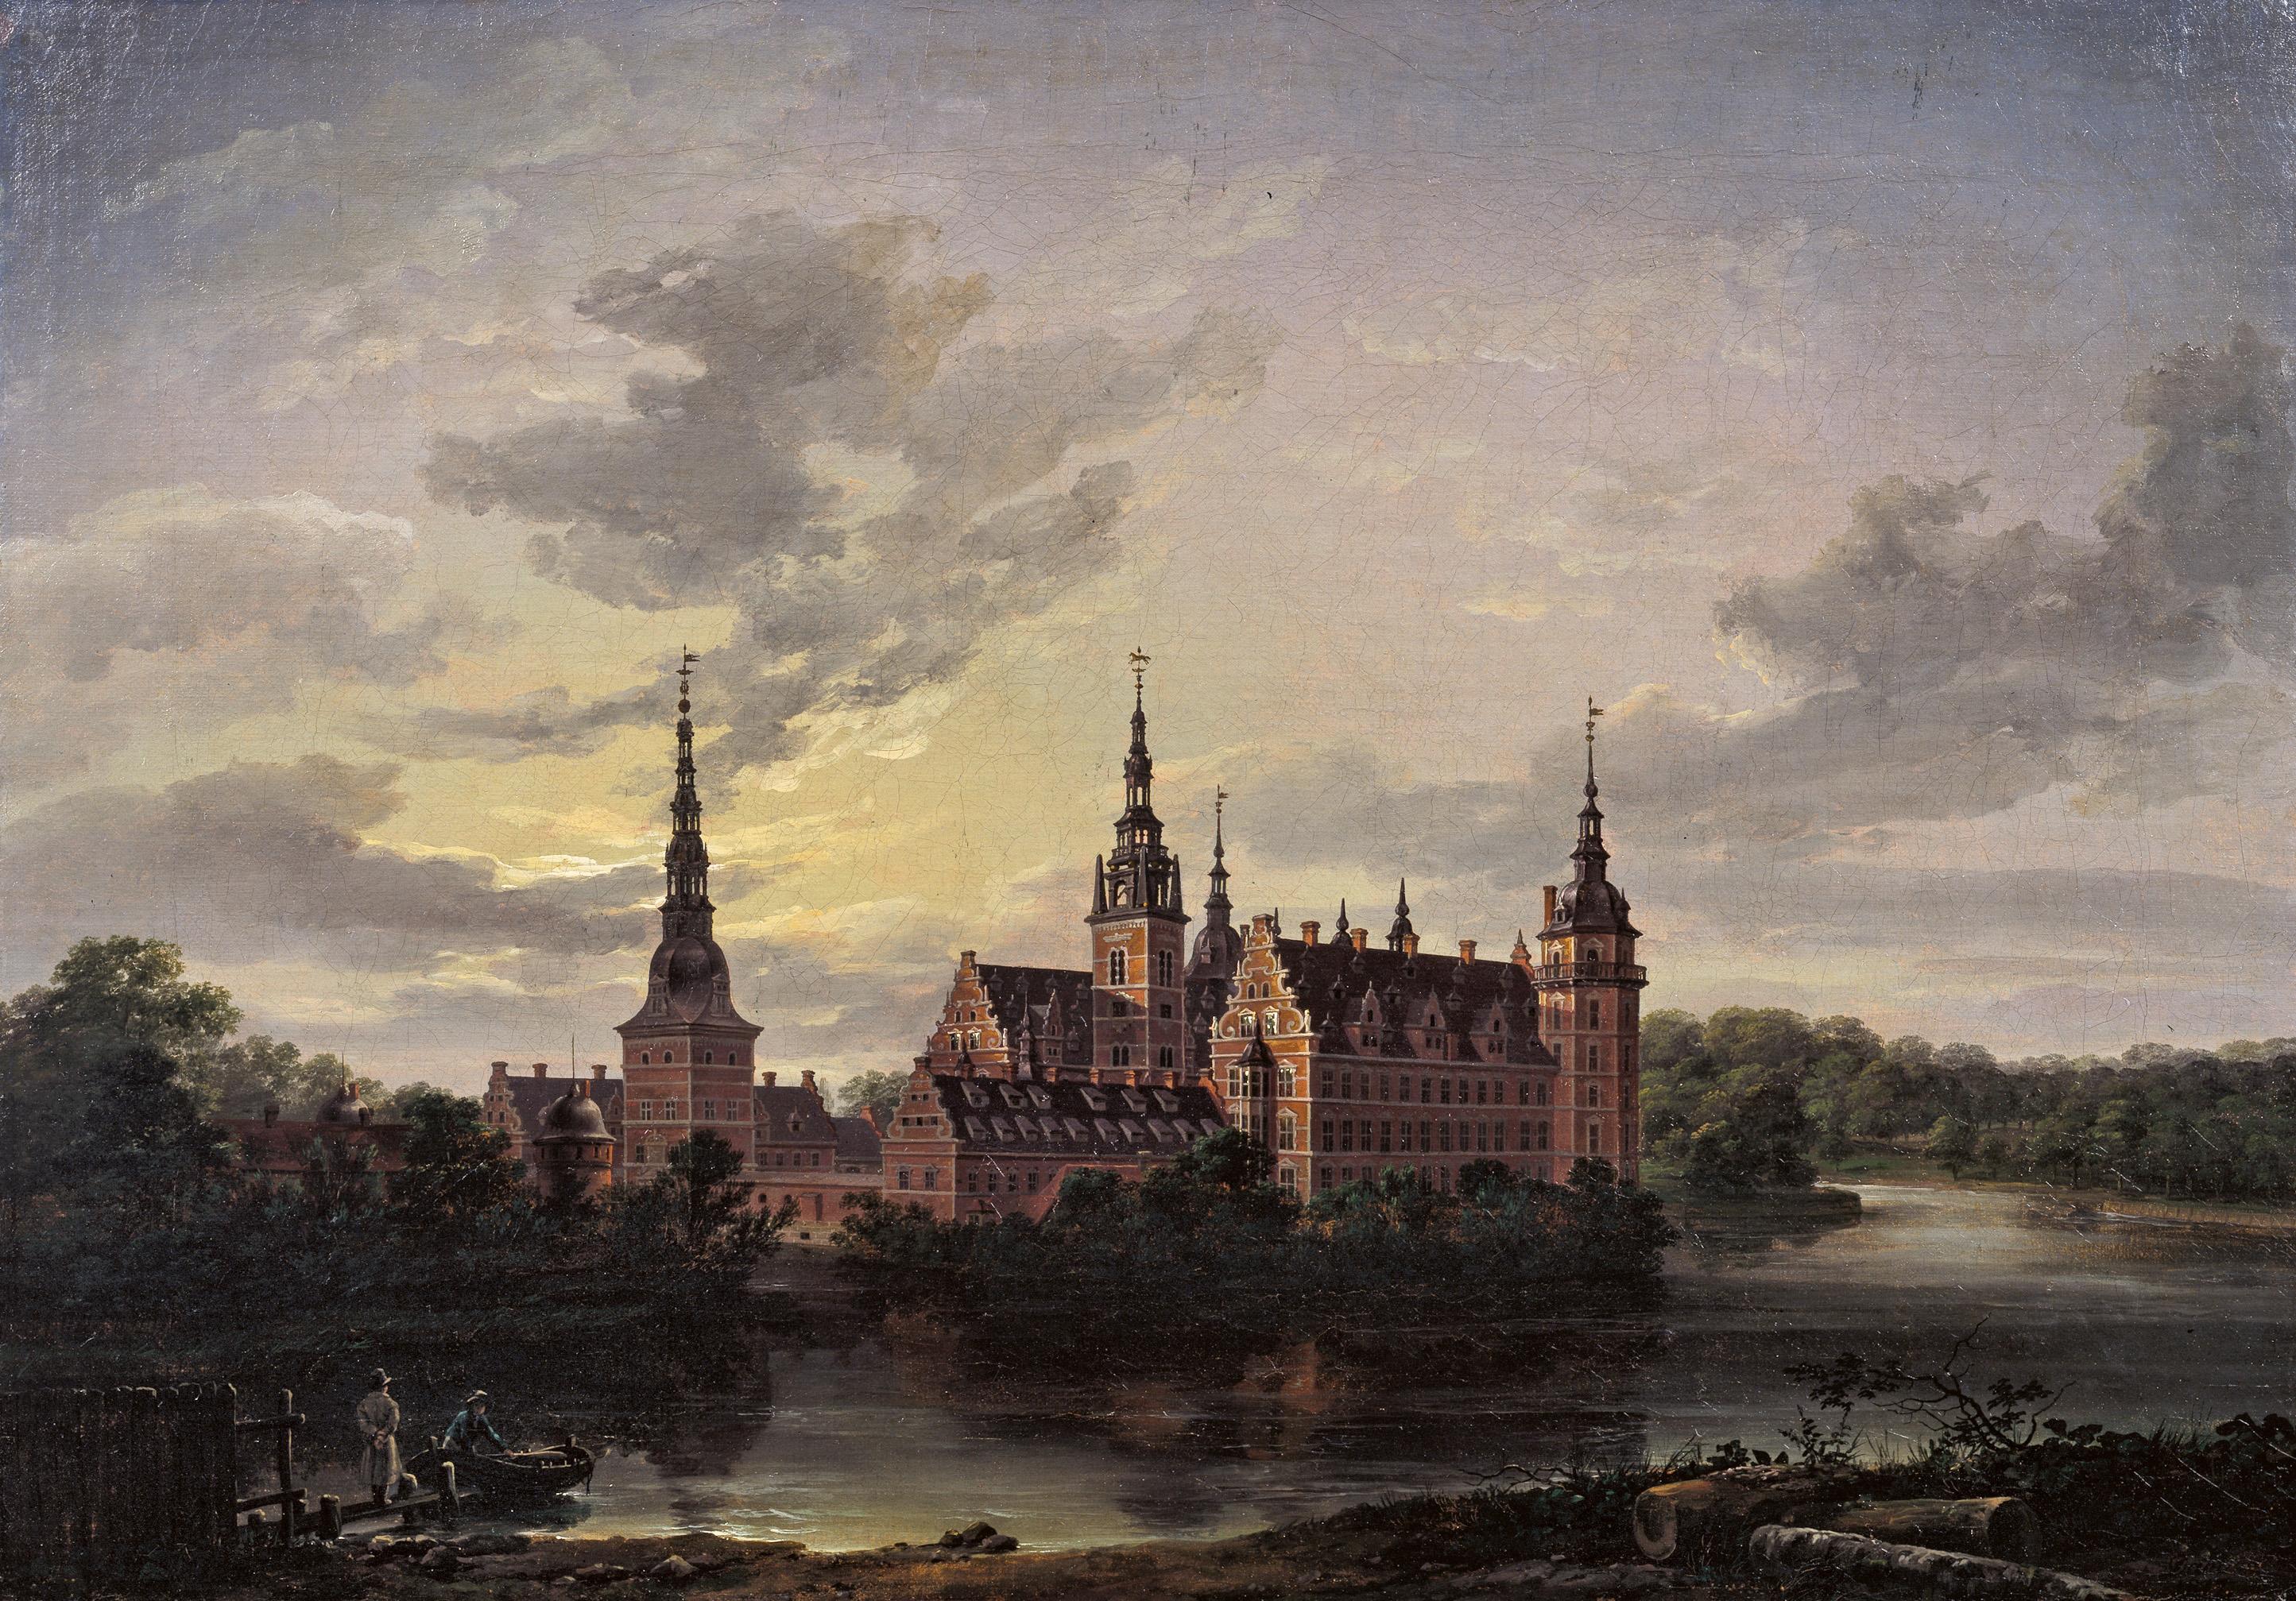 Maleri af J.C. Dahl, Frederiksborg Slot i måneskin, 1817. Nivaagaards Malerisamling.